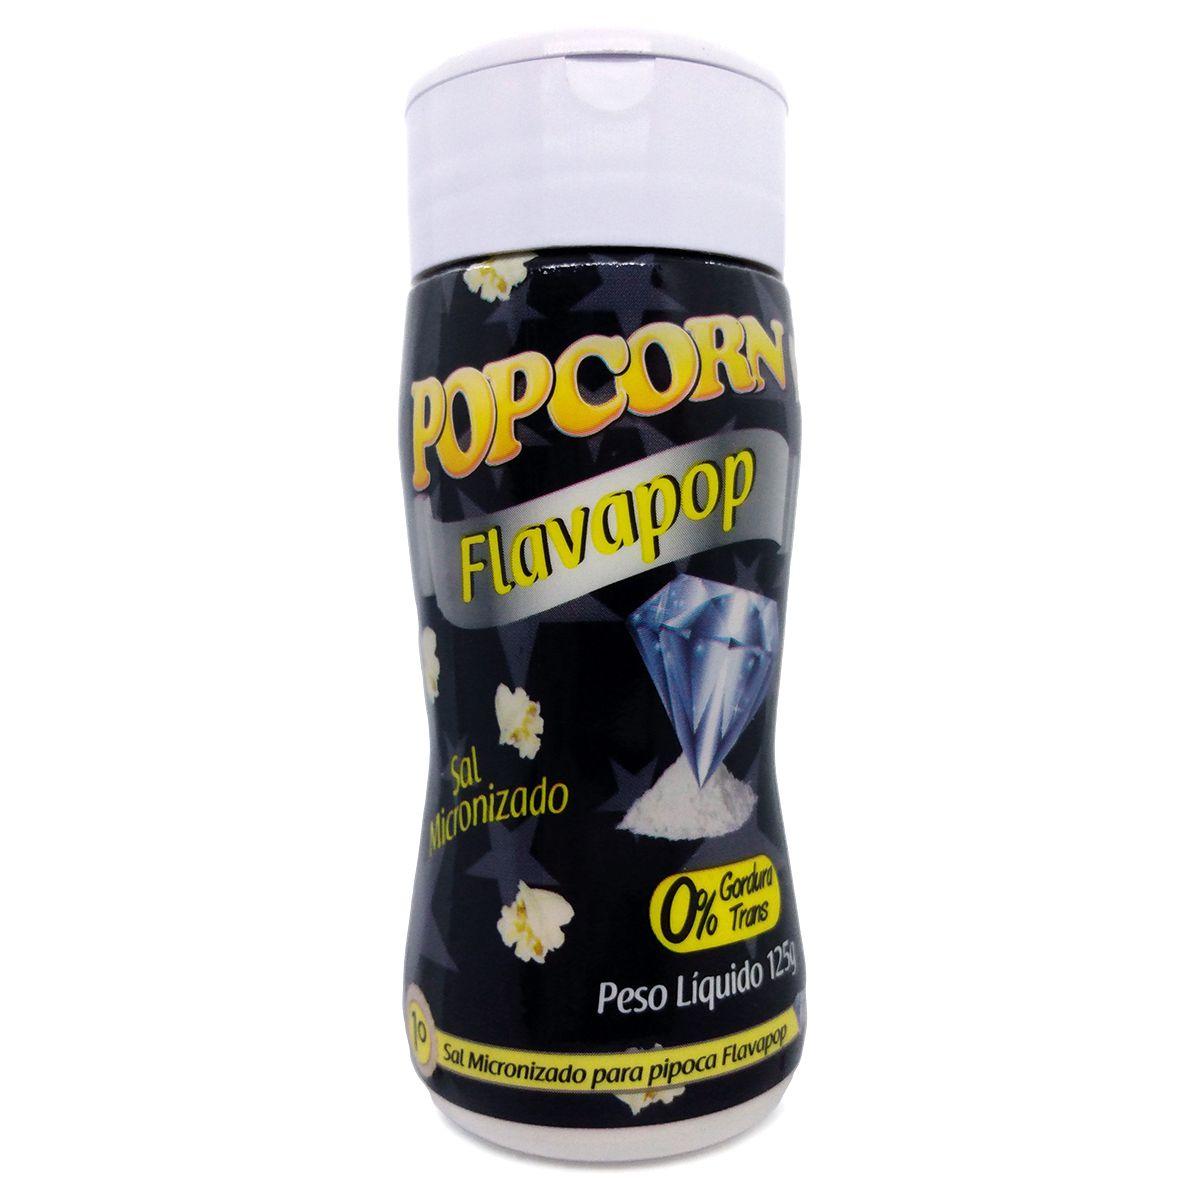 FLAVAPOP - Original de Cinema - Micronizado Manteiga Popcorn - segredo da Pipoca dos Cinemas.